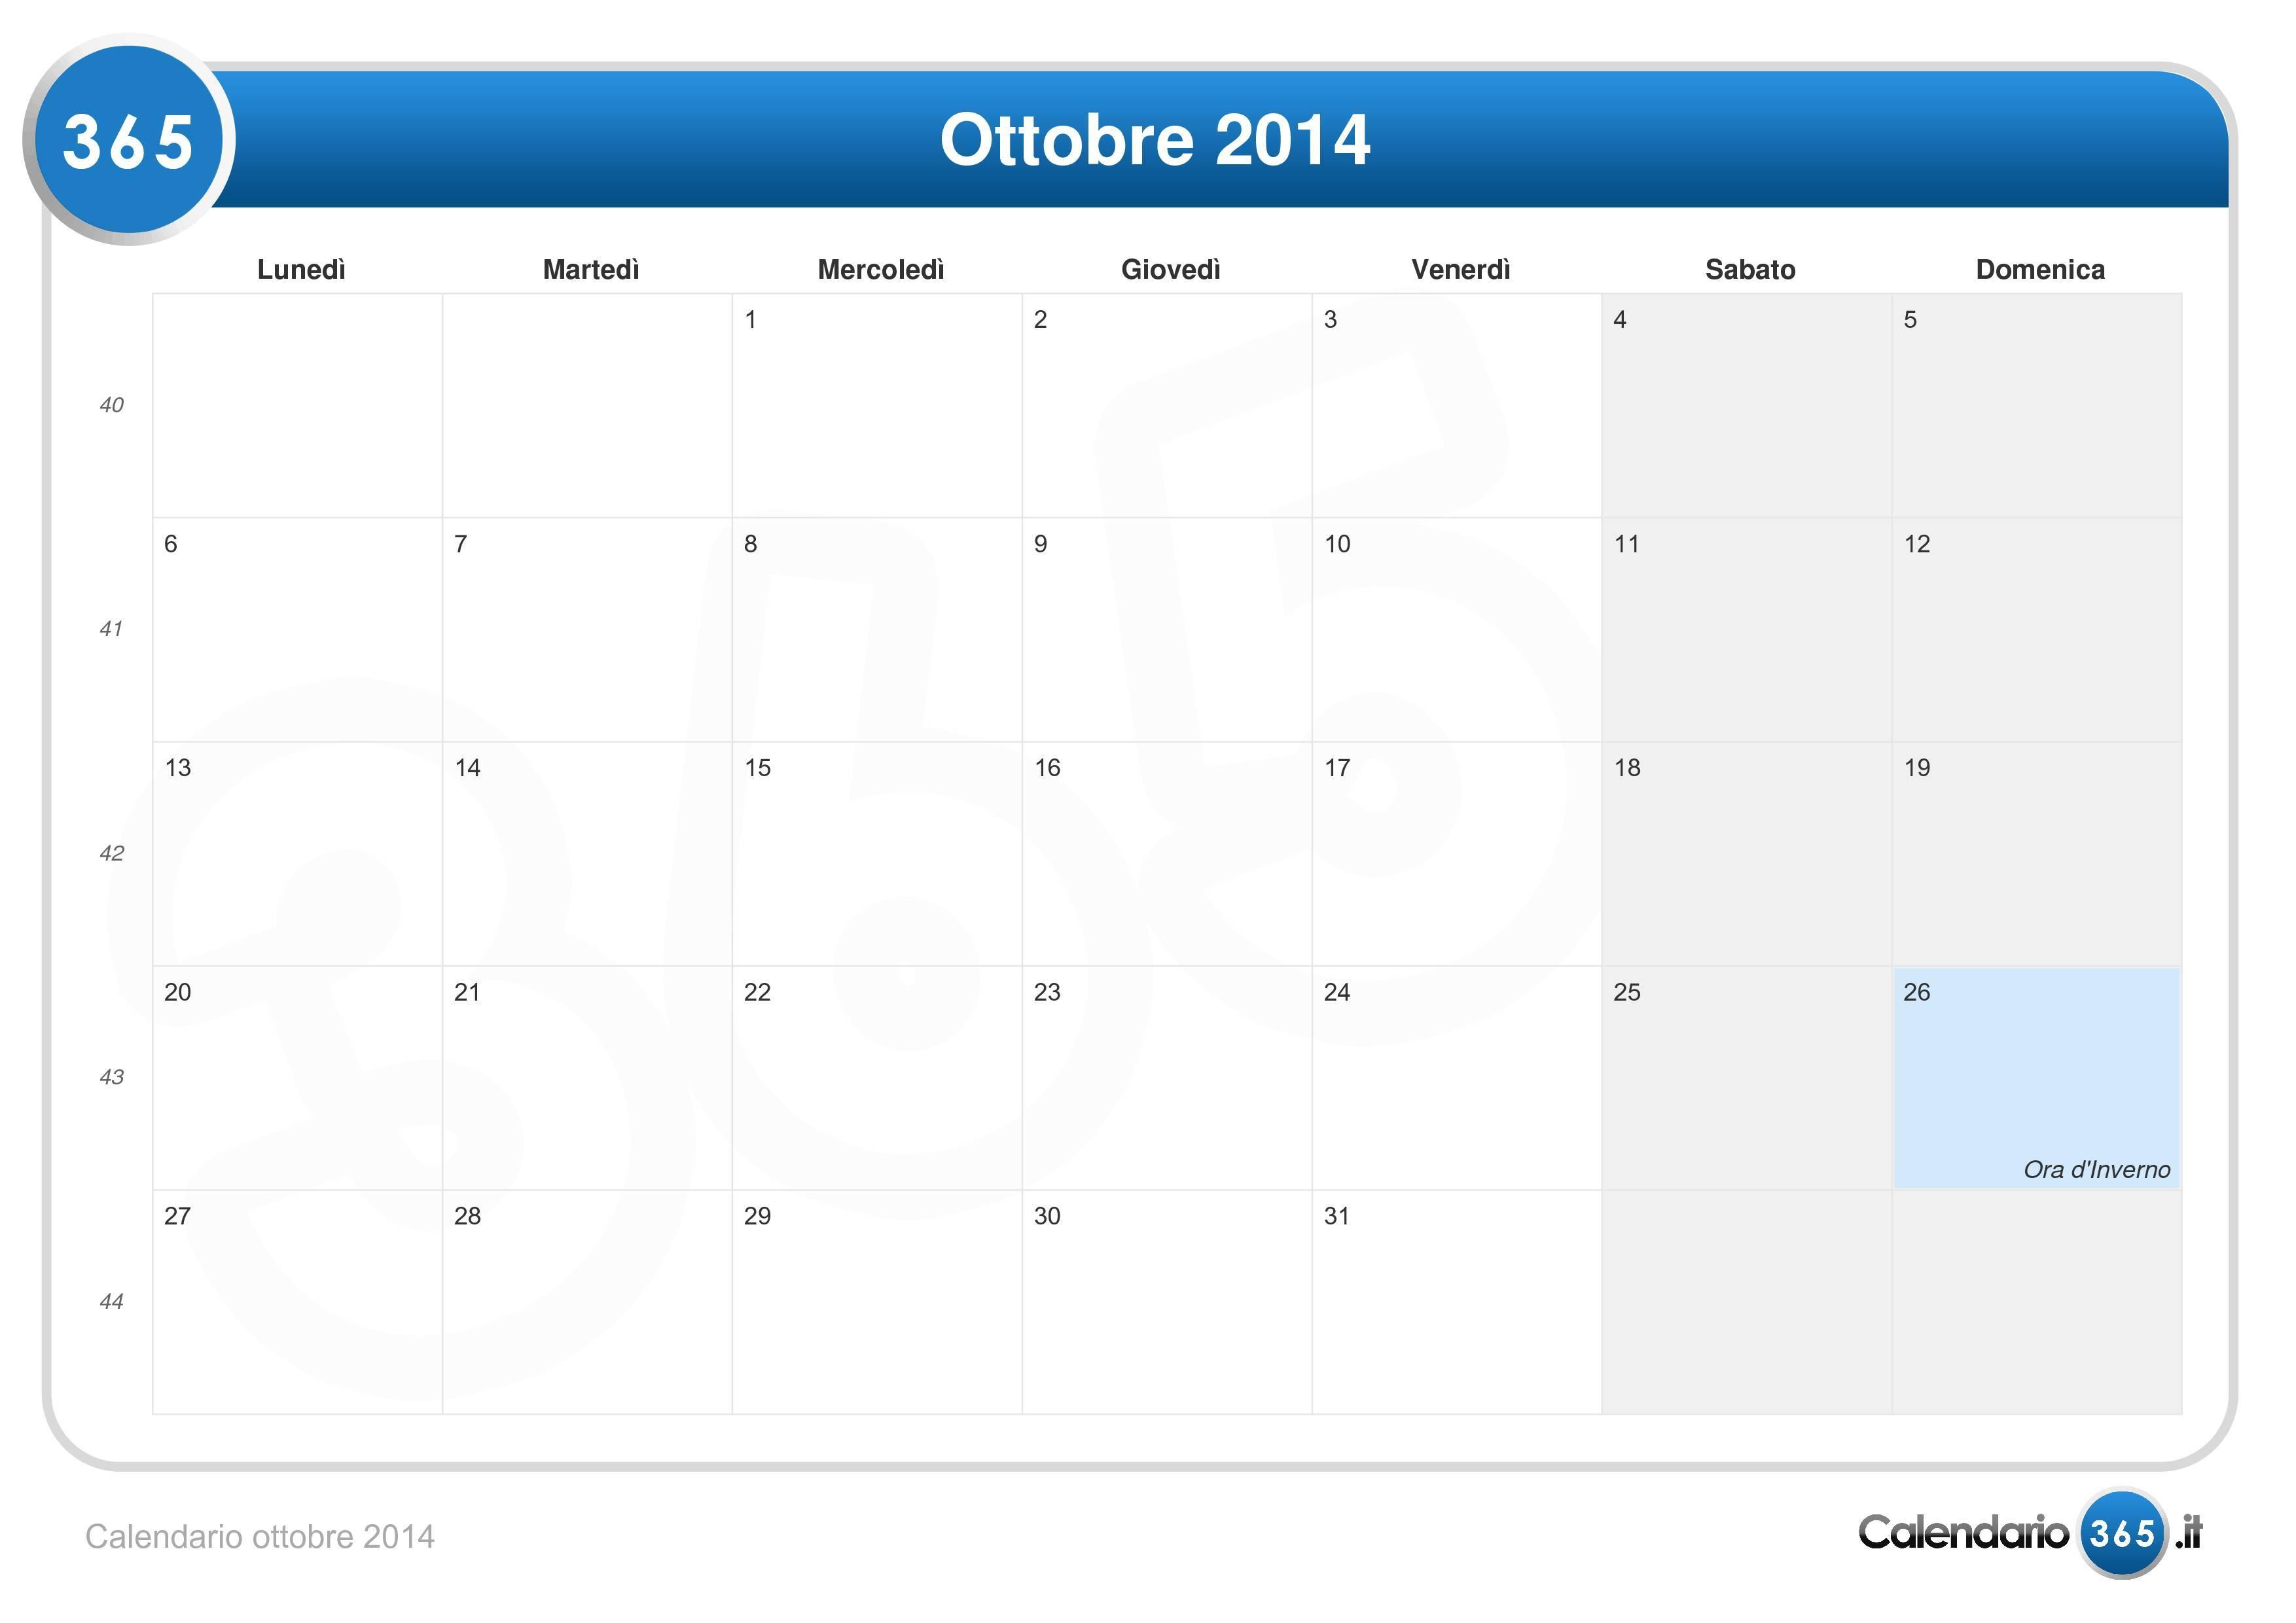 Calendario ottobre 2014